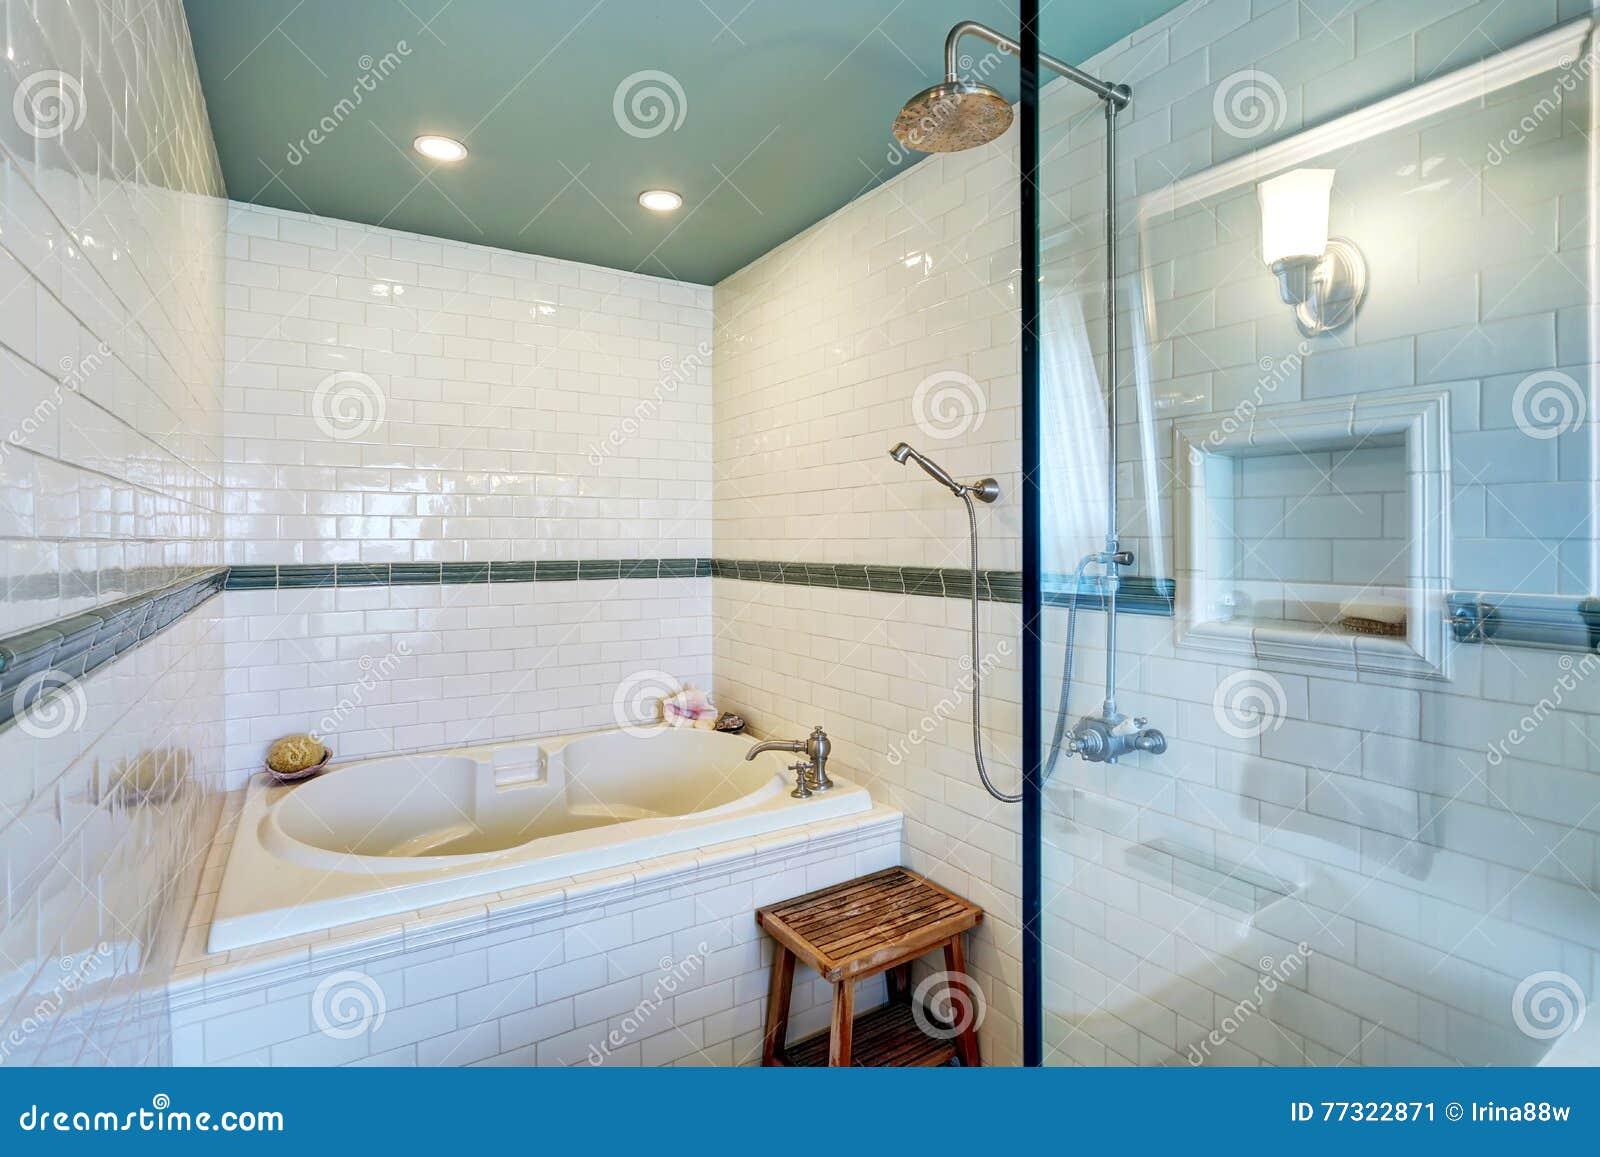 Verniciare Pareti Del Bagno : Pittura per vasca da bagno finest pittura per vasca da bagno with